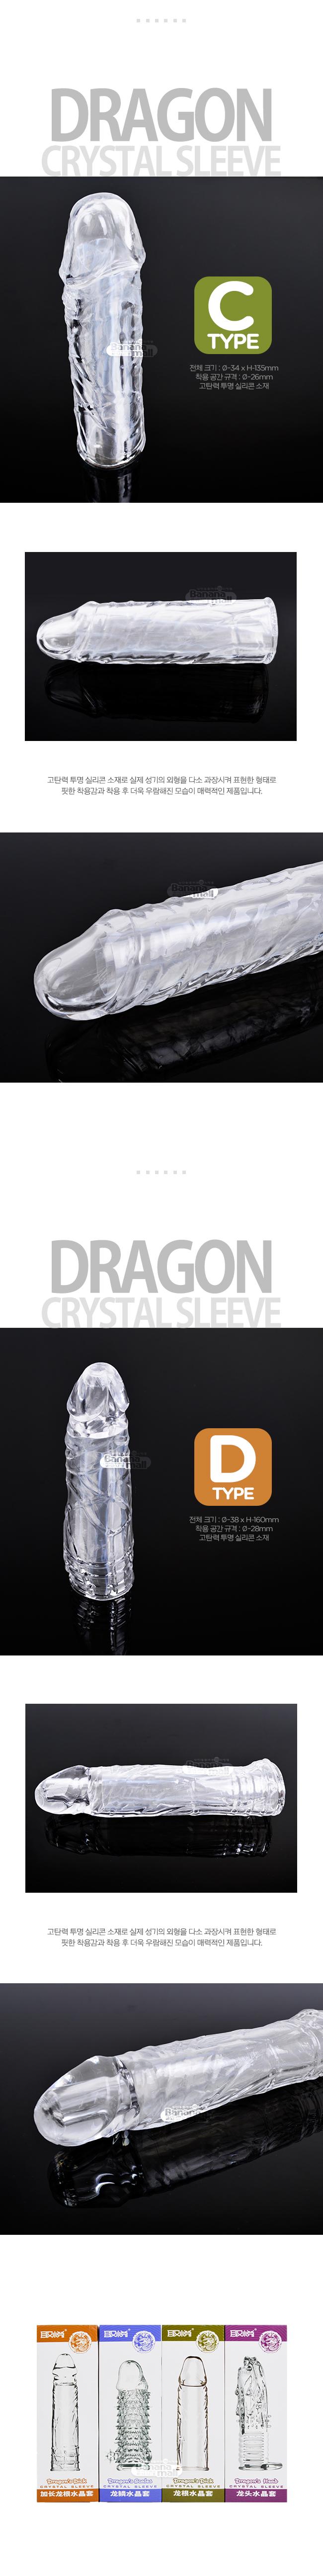 [특수 콘돔] 드래곤 크리스탈 슬리브 시리즈(Dragon Crystal Sleeve Series) - 6922359301994